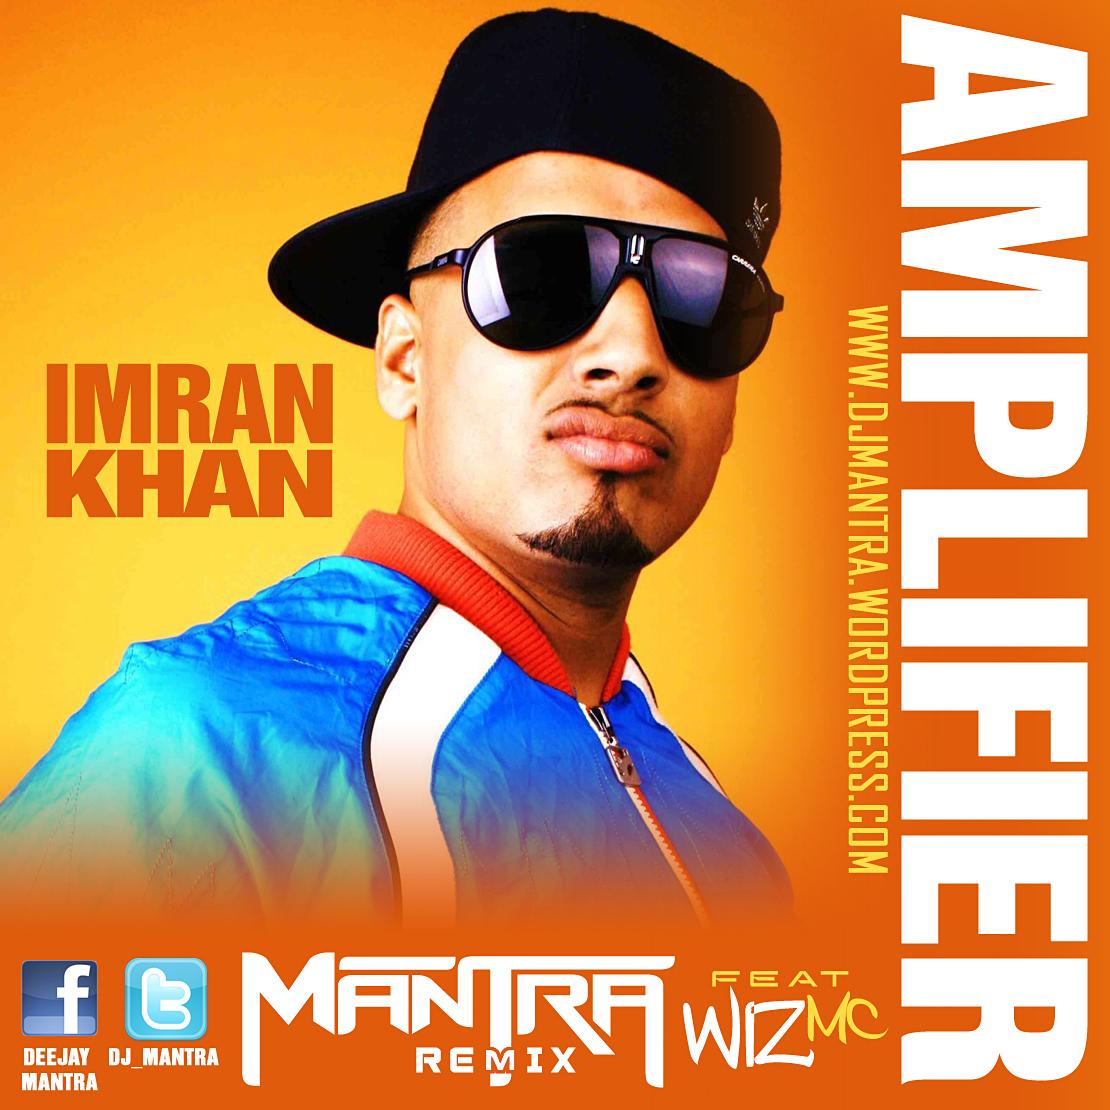 Imran khan mp3 скачать бесплатно